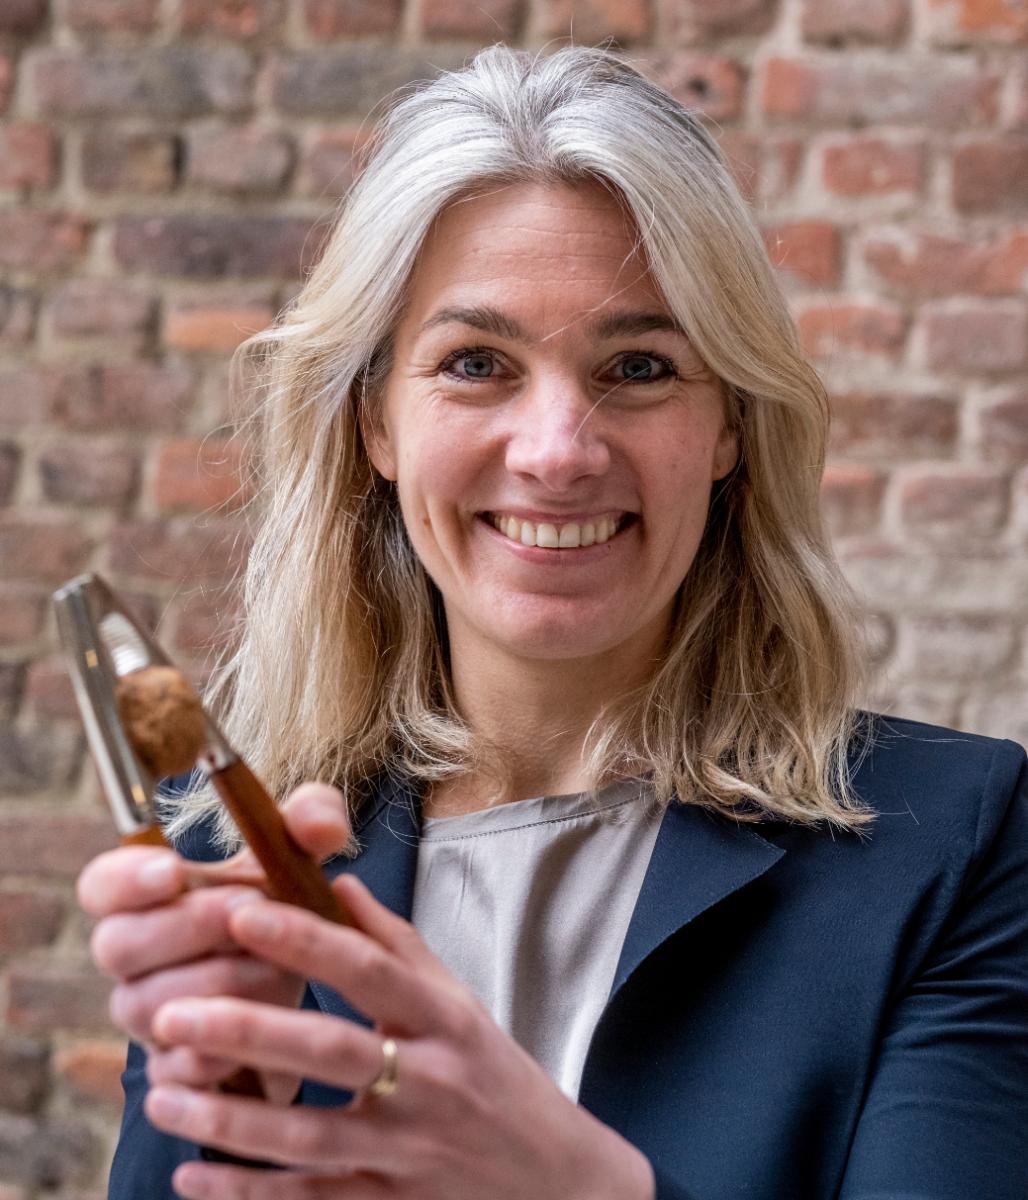 Anne Kloosterboer